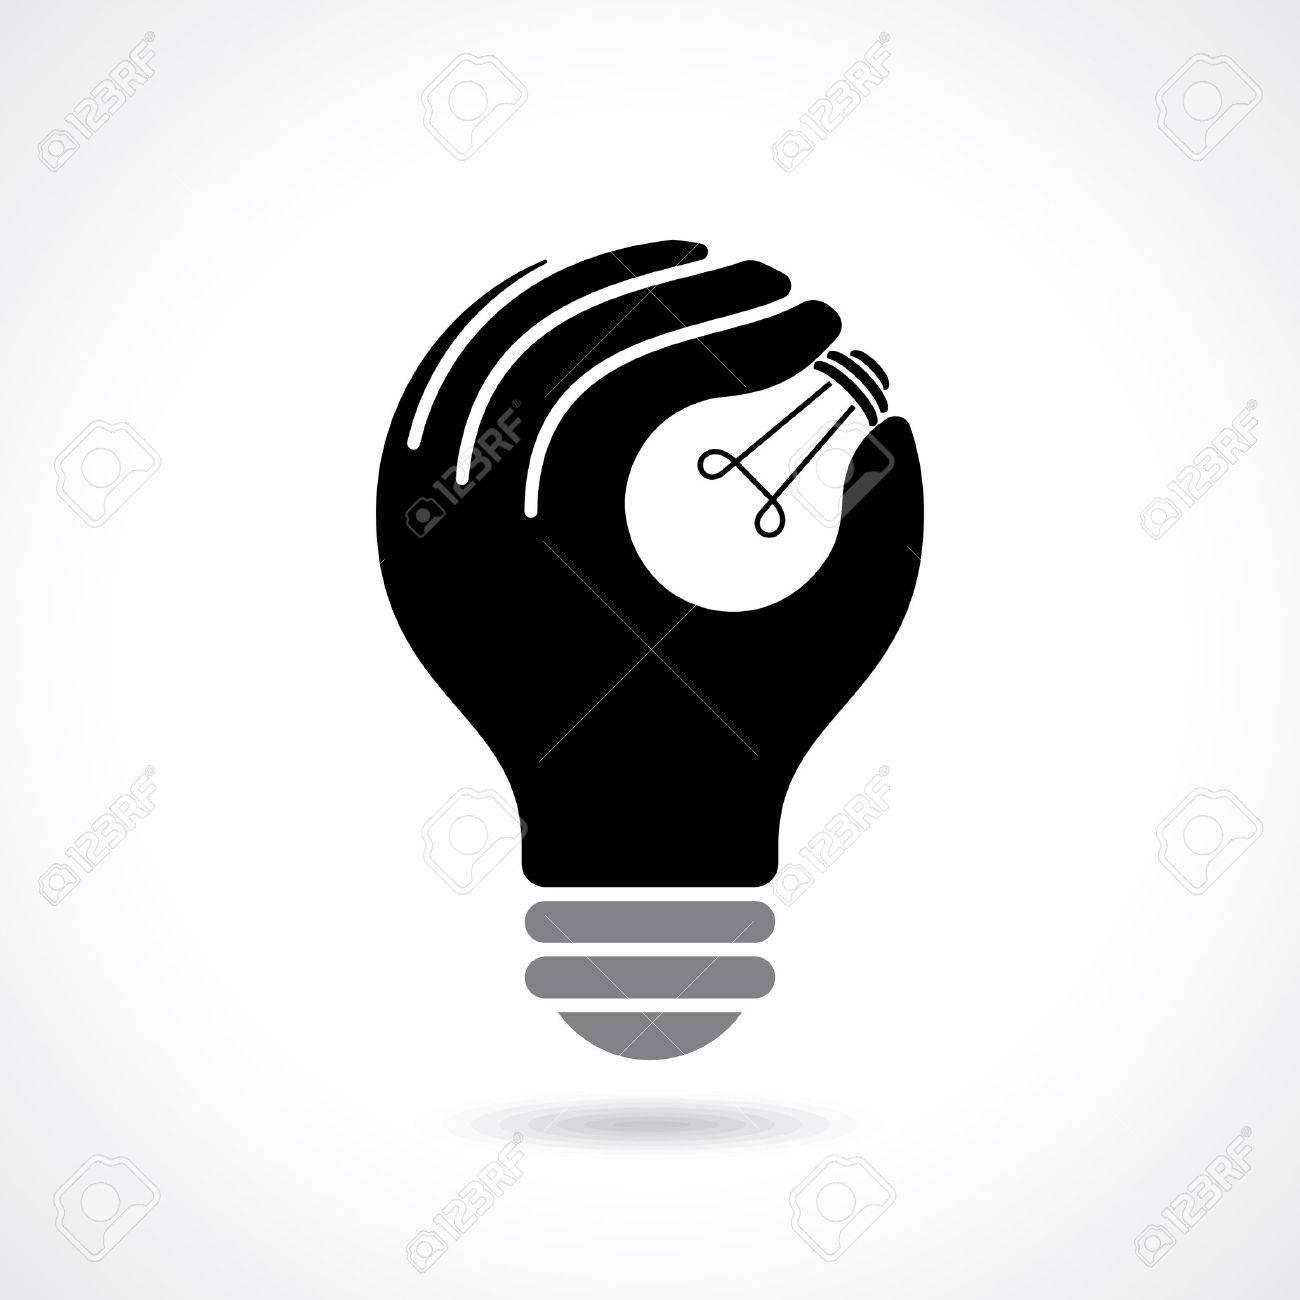 reach idea with human hand - 42932142